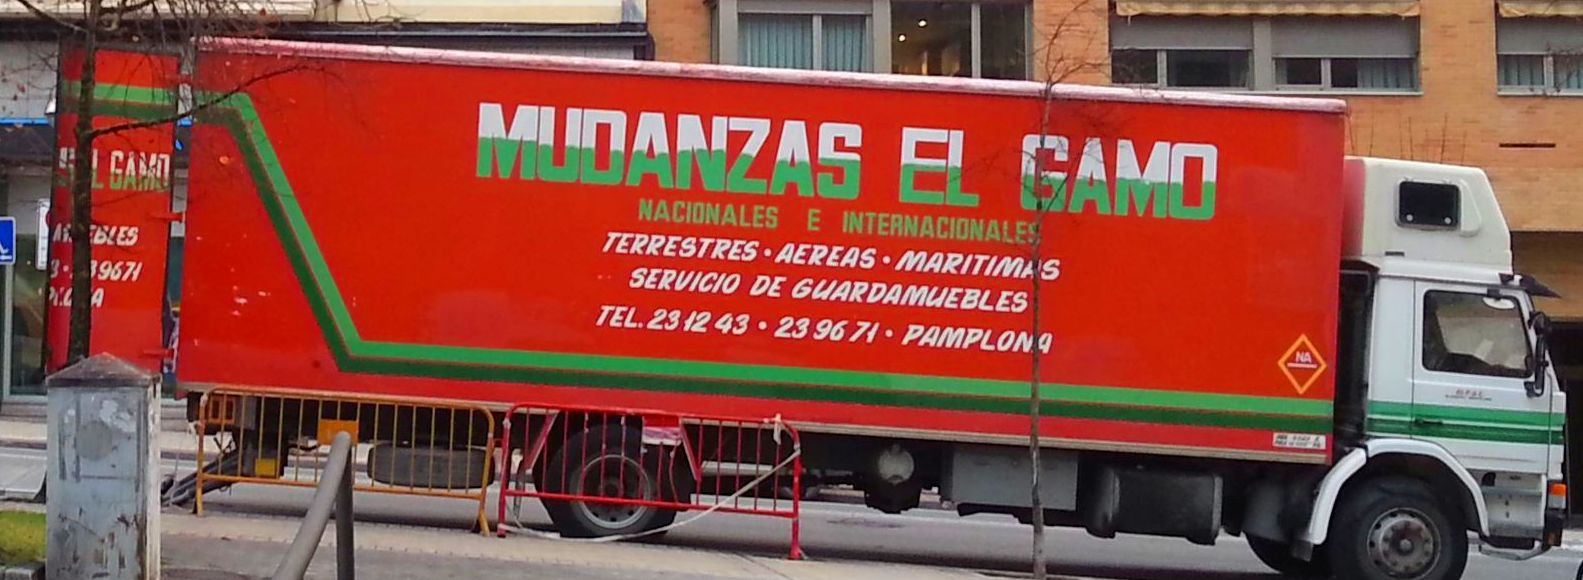 Mudanzas Gamo en Pamplona / Iruña, en Navarra cuenta con todo tipo de vehículos. Estamos preparados para todo.